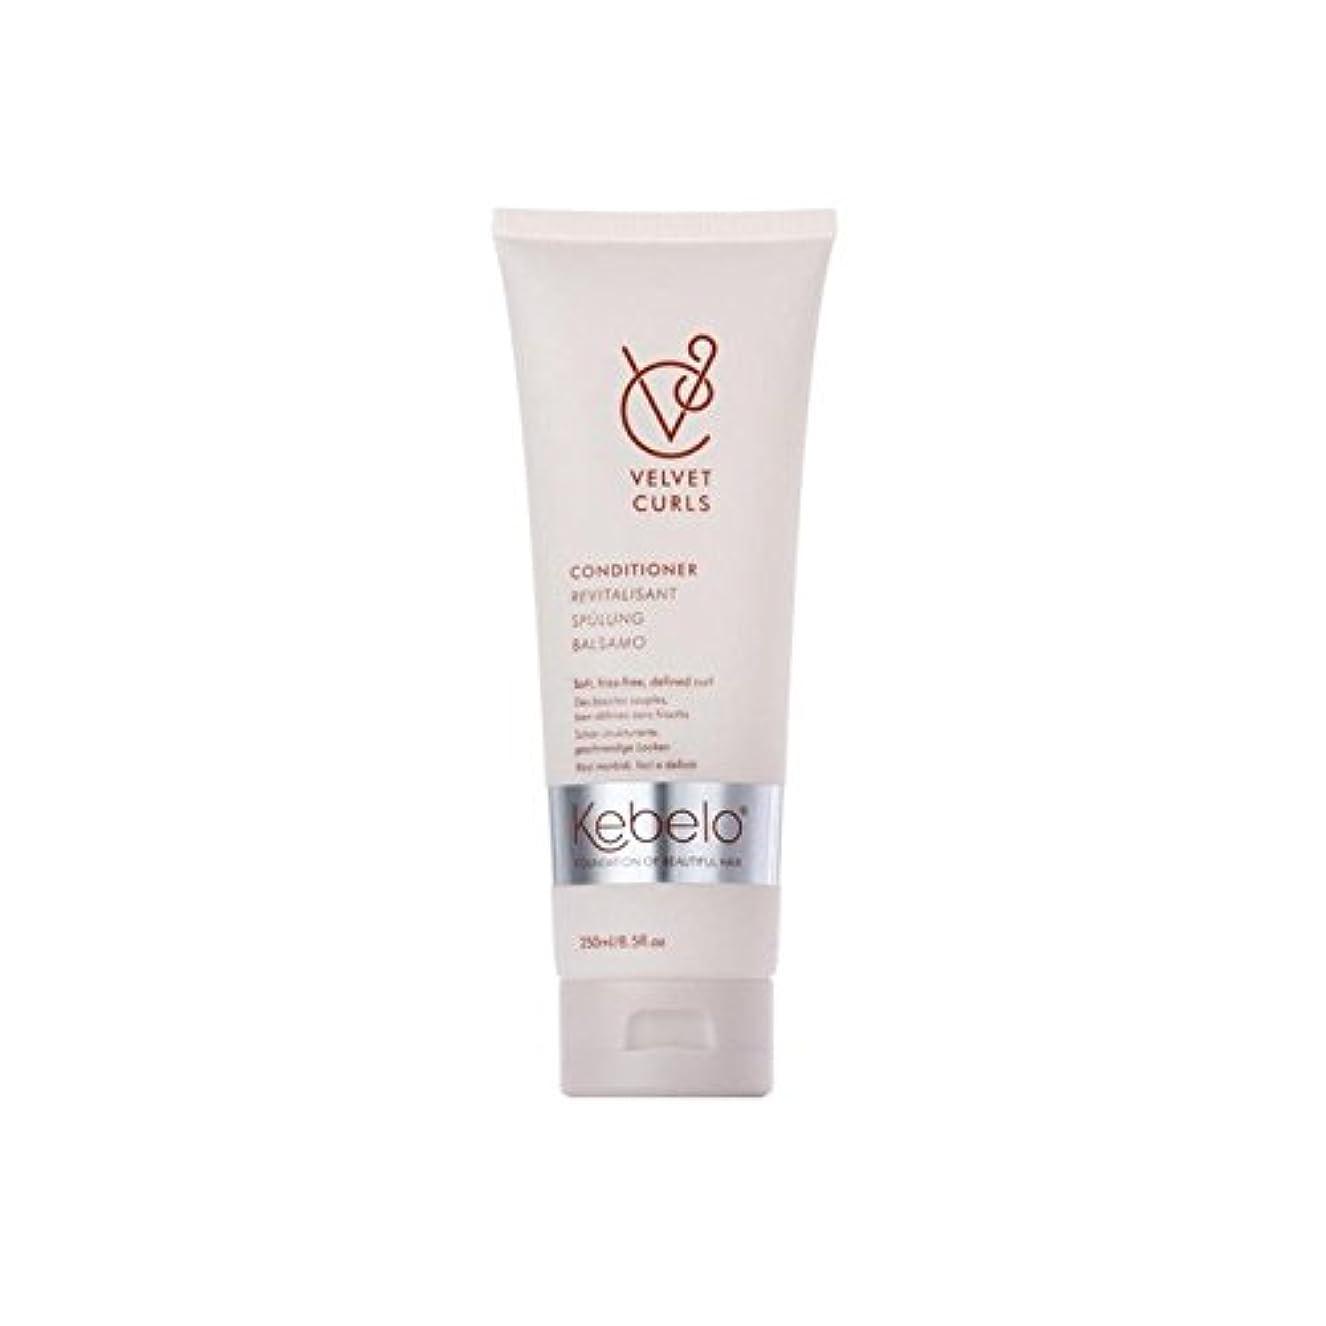 Kebelo Velvet Curls Conditioner (250ml) (Pack of 6) - ベルベットのカールコンディショナー(250ミリリットル) x6 [並行輸入品]